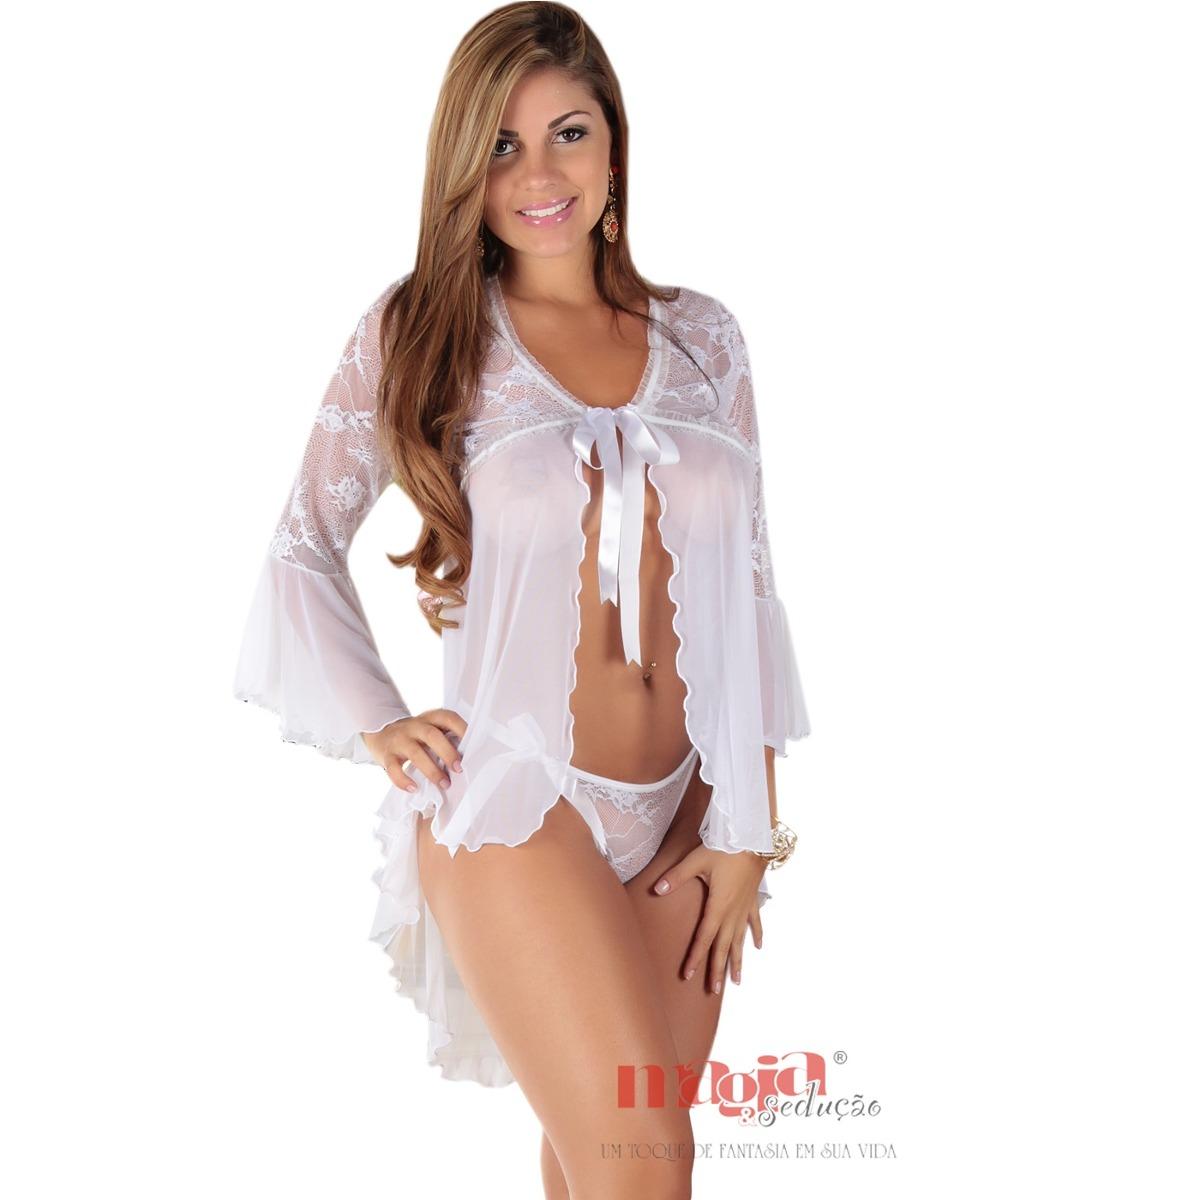 ac78a2209 Camisolas Sexys Maitê Branca + Calcinha